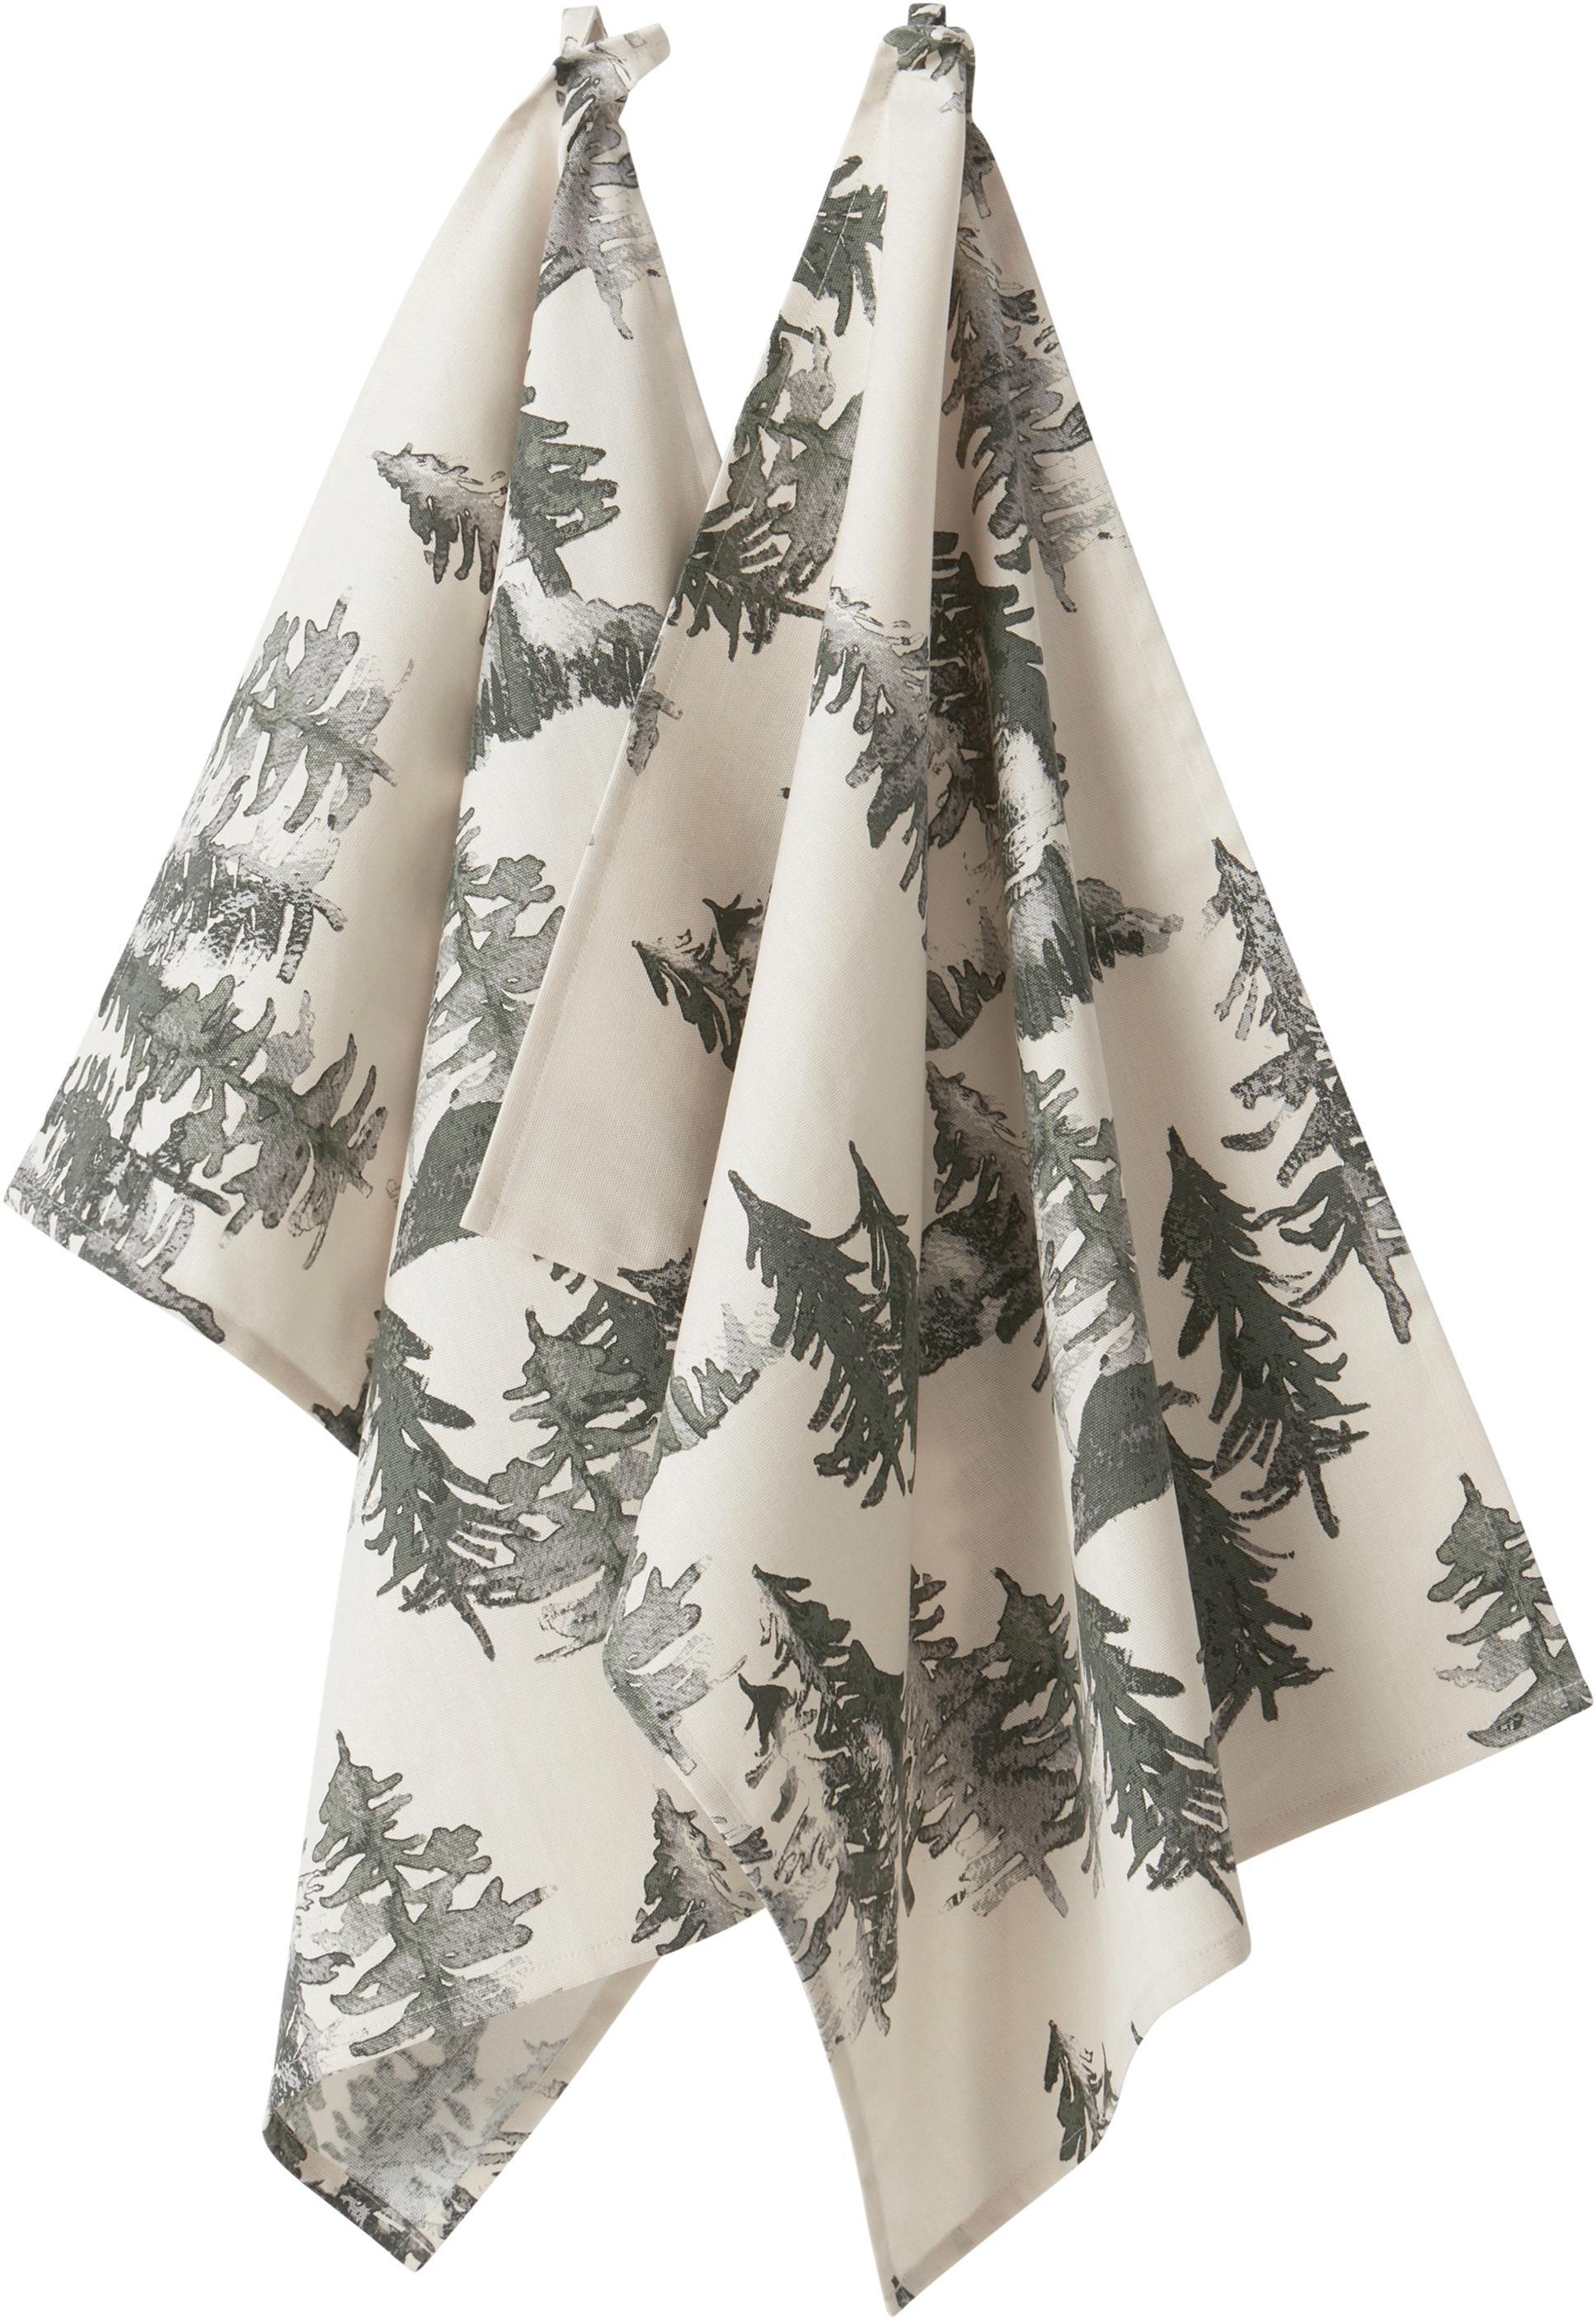 Ręcznik kuchenny Forrest, 2 szt., 100% bawełna pochodząca ze zrównoważonych upraw, Odcienie kremowego, zielonego i szarego, S 50 x D 70 cm